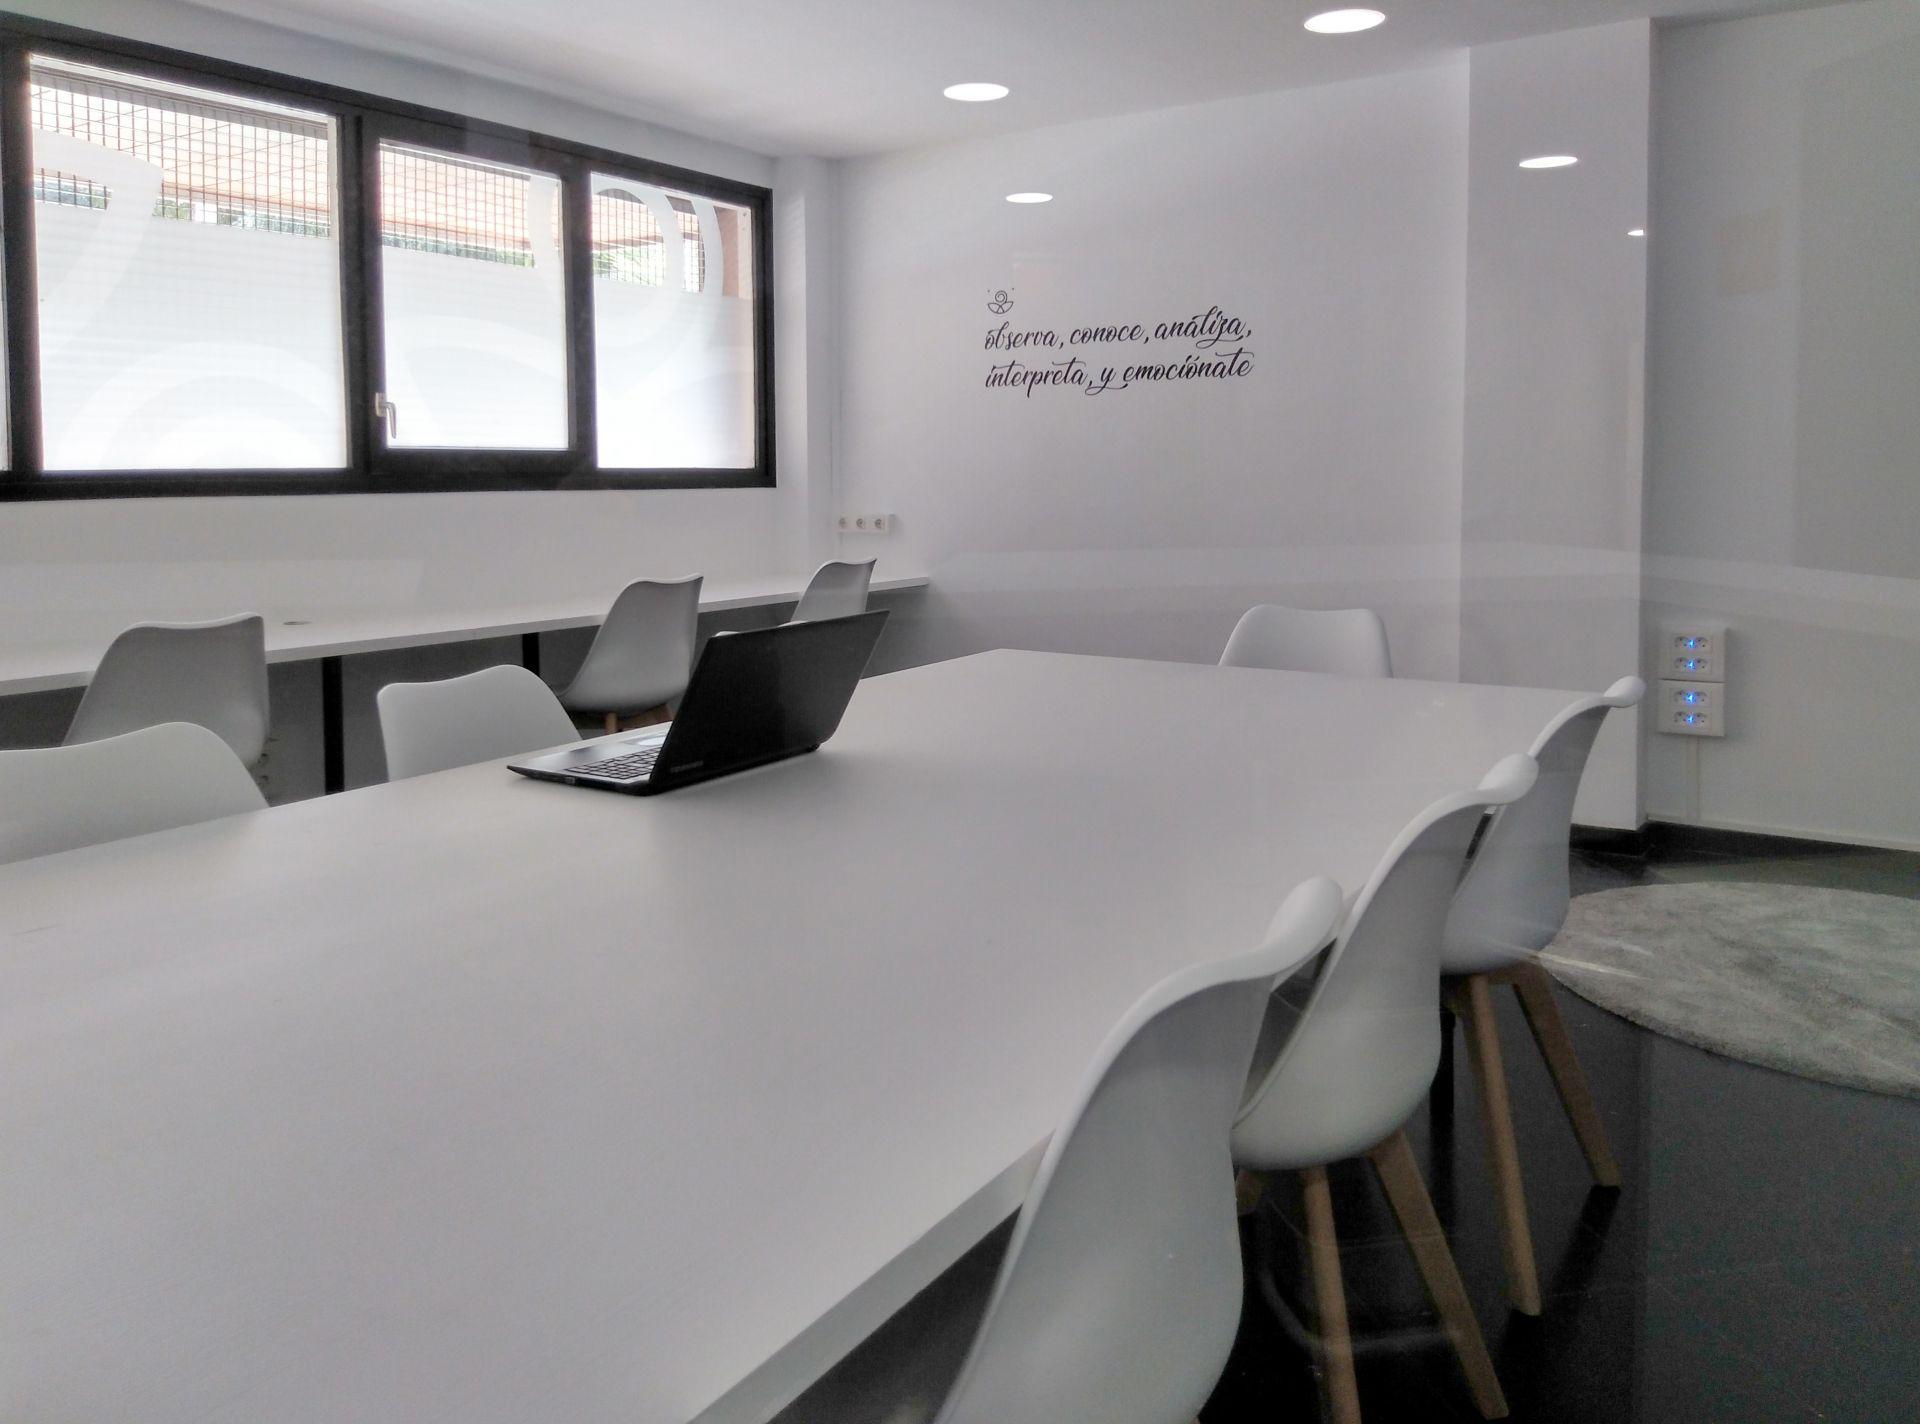 ESPACIO 2 / Precio: 1cc/h<span>Amplia sala con espacio para  8/12 personas. luz natural. Precio: 1cc/h</span>